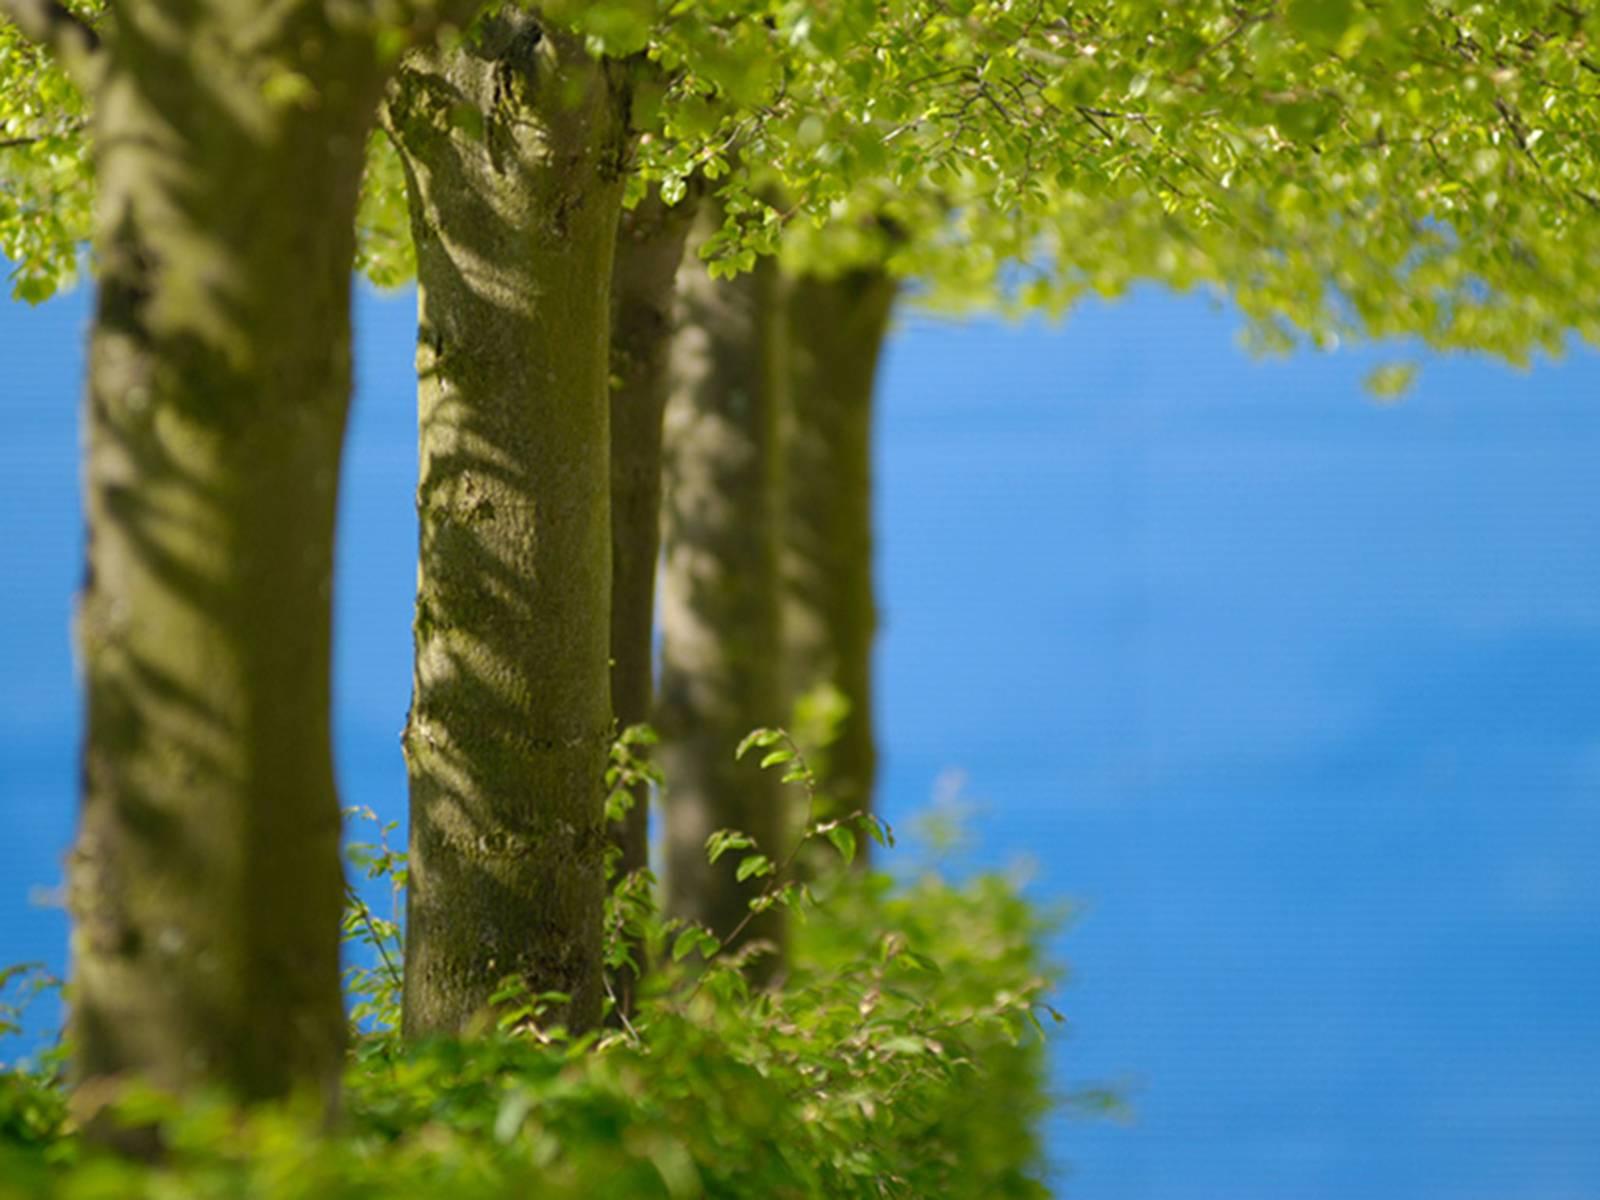 Baumstämme mit frischem Blattwerk vor blauem Himmel